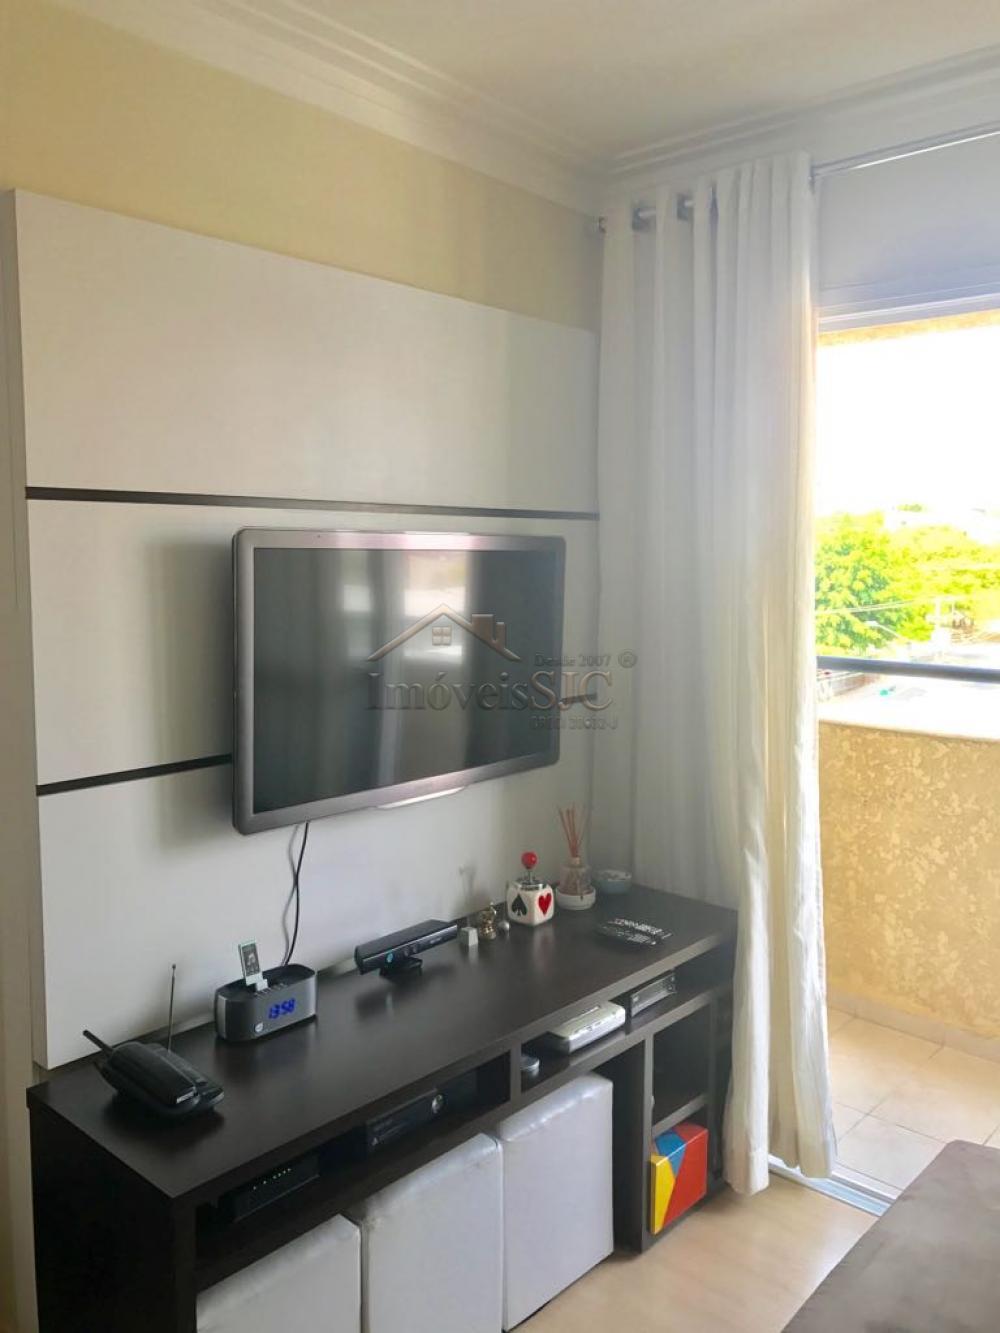 Comprar Apartamentos / Padrão em São José dos Campos apenas R$ 218.000,00 - Foto 7